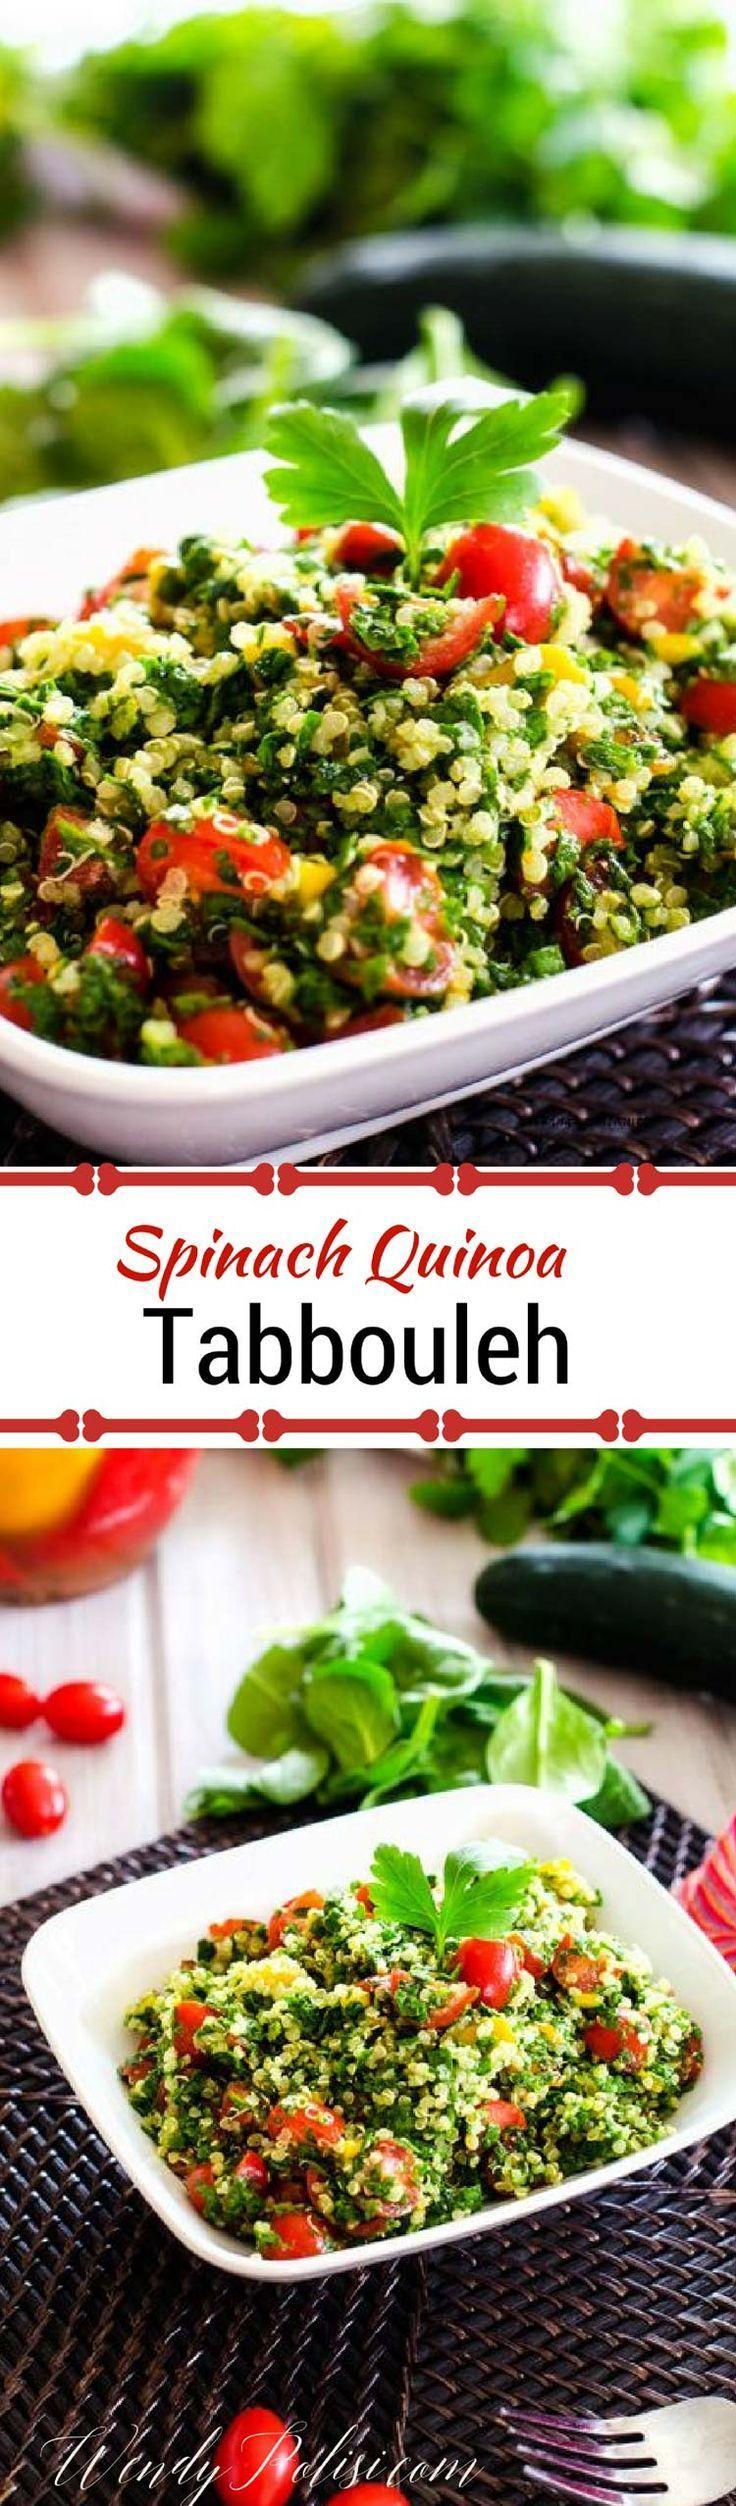 Spinach Quinoa Tabbouleh via /wendypolisi/